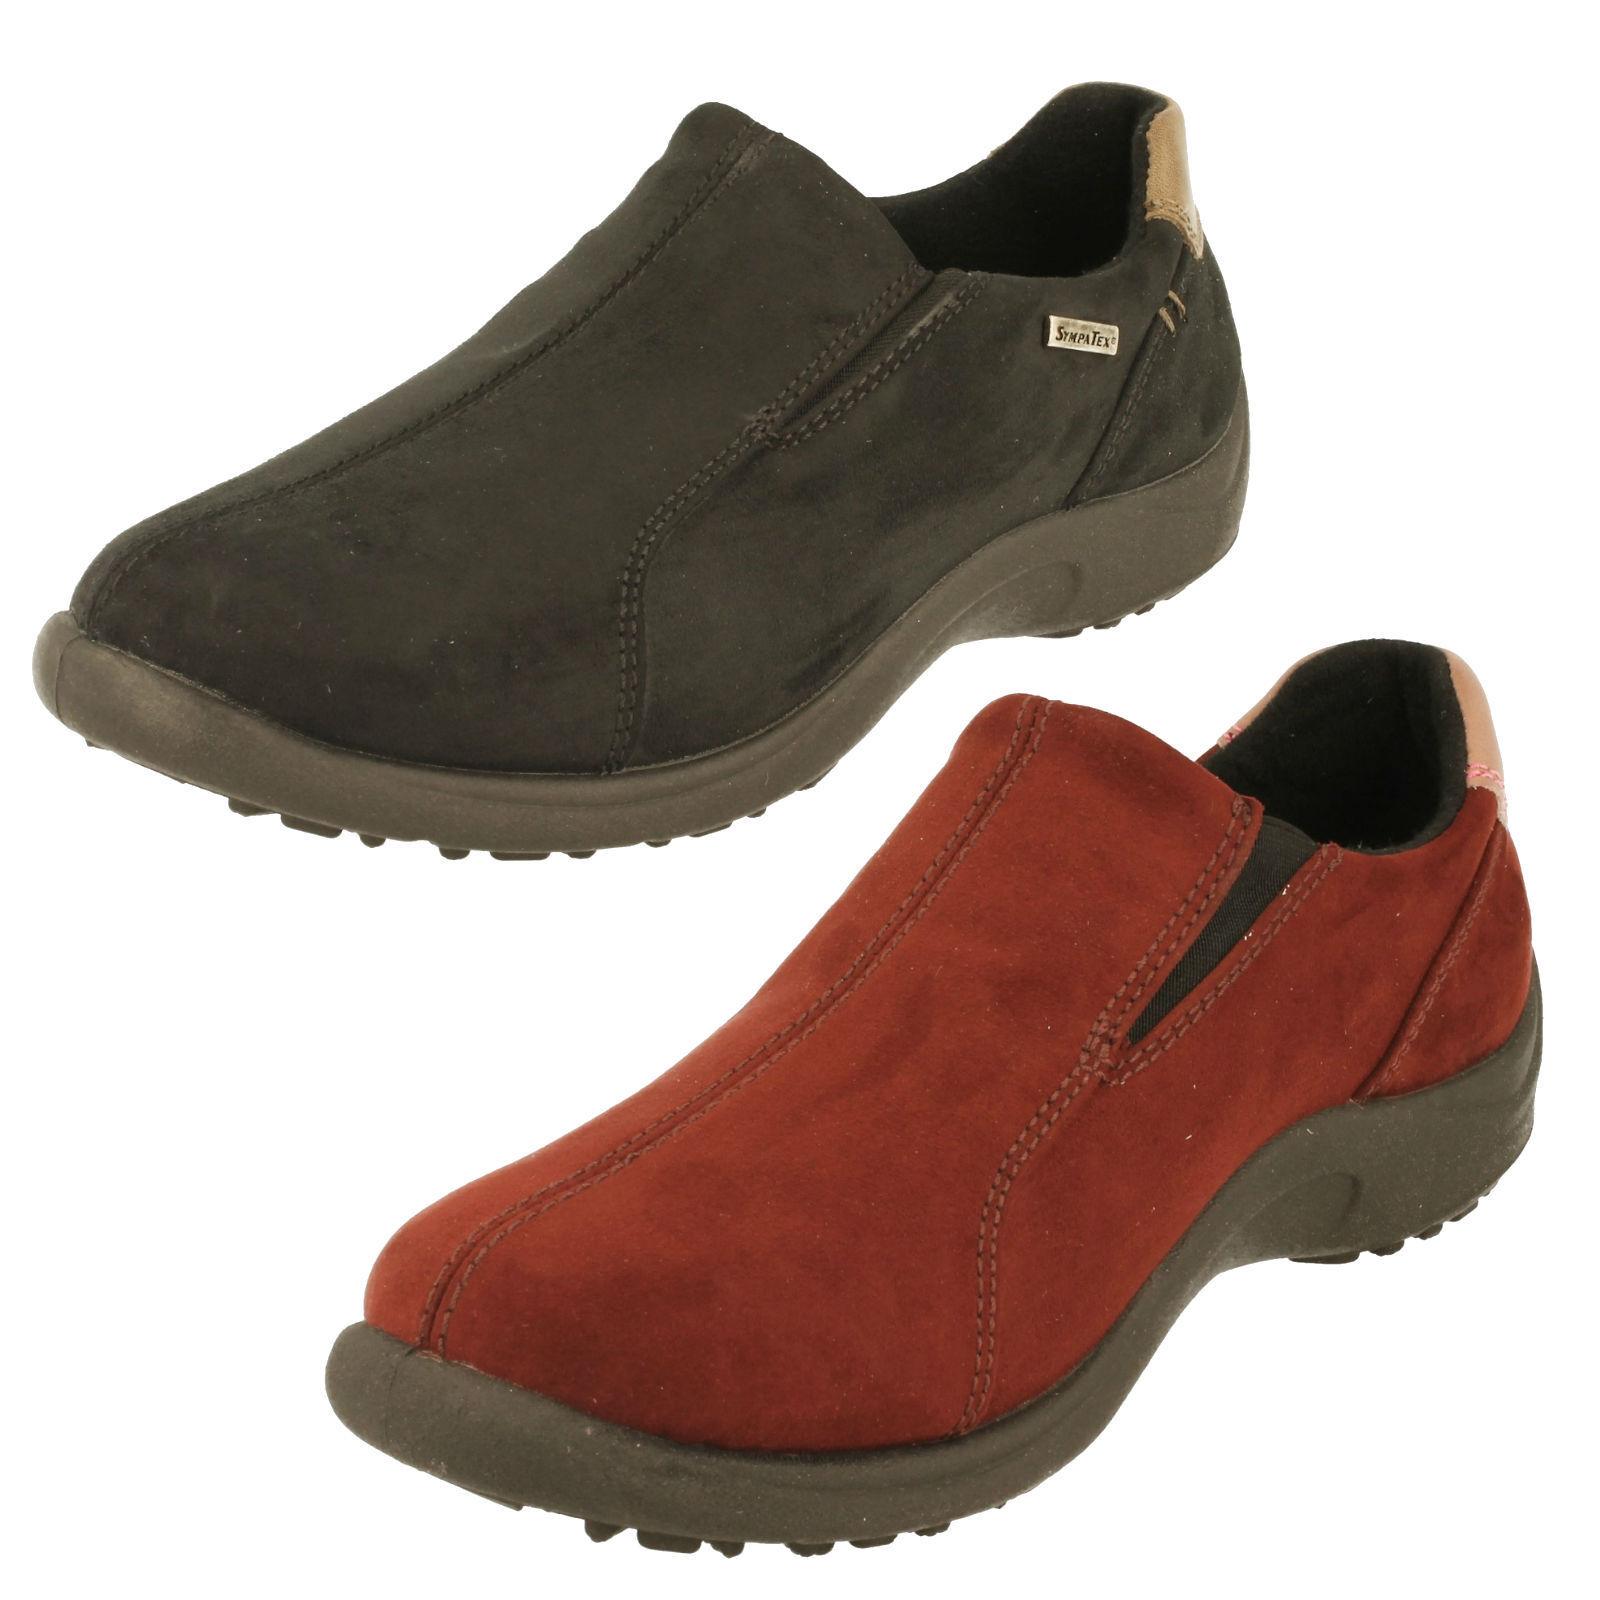 Damen Rohde Schuhe Mit 2801 Sympatex Membran 2801 Mit Mit 2801 717885 ... 36f2ac